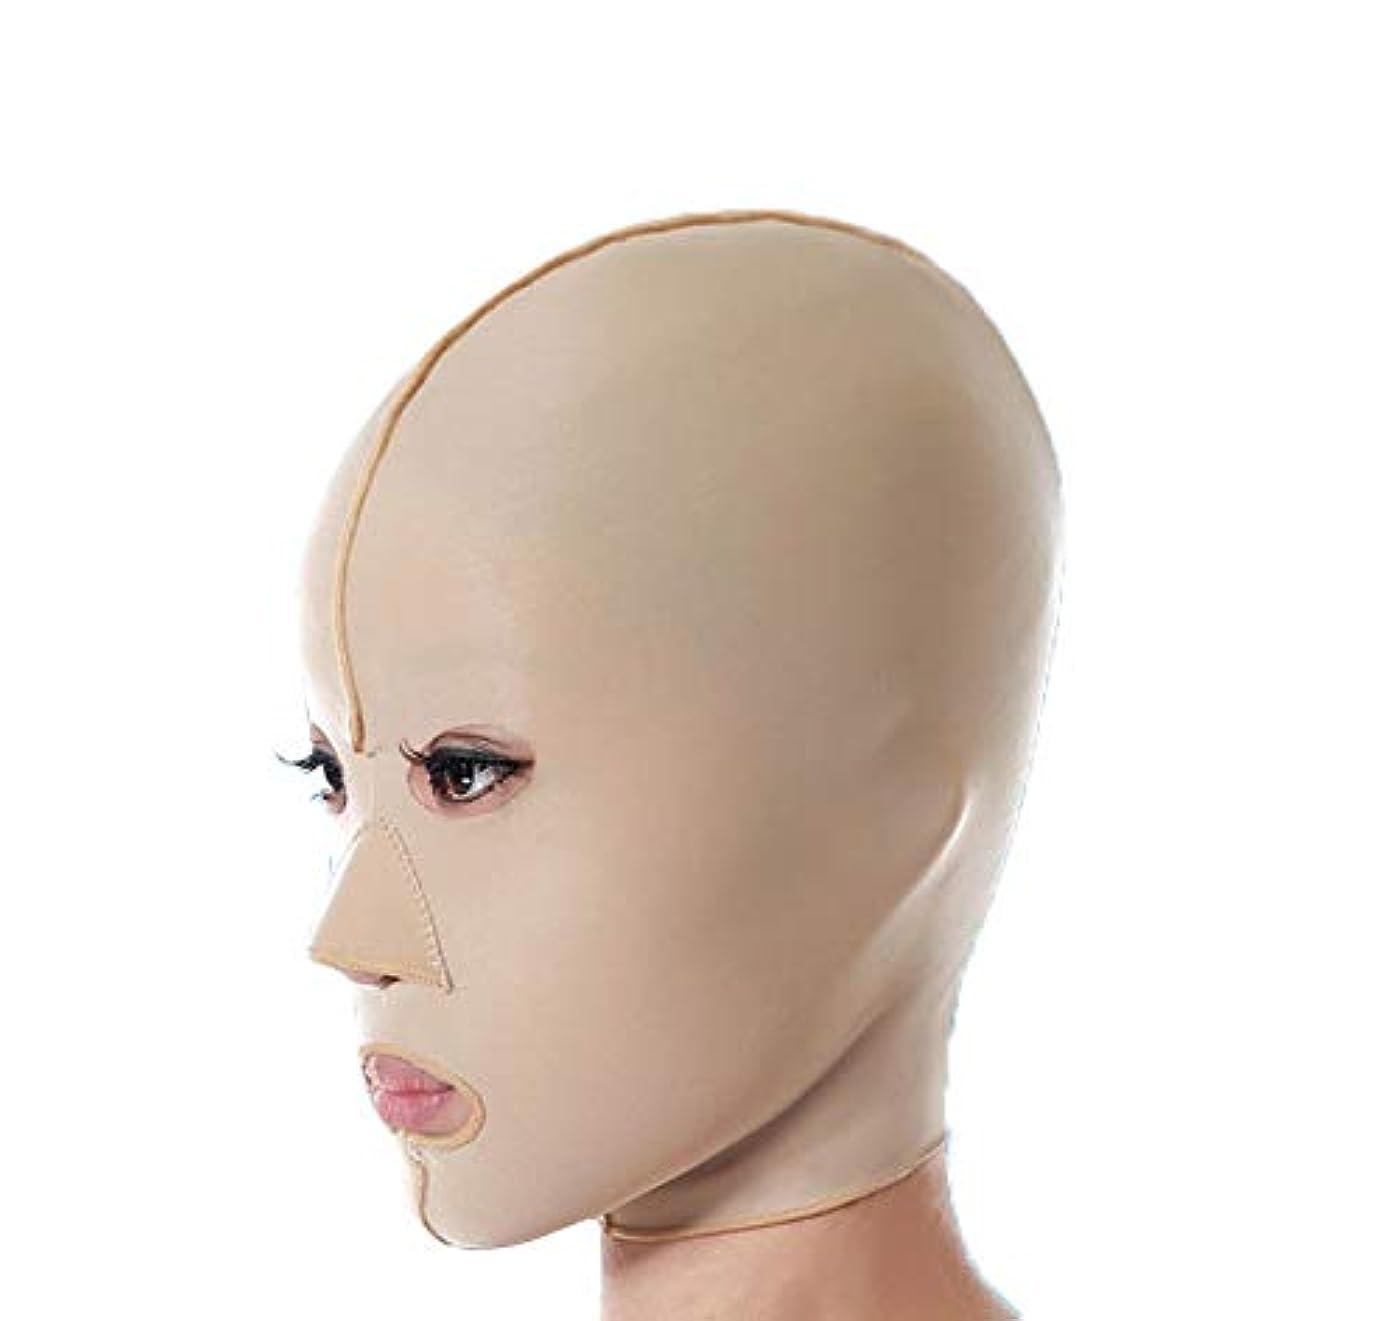 ファンド合図友情TLMY 引き締めマスクマスク漢方薬強力なマスクアーティファクト美容垂れ防止方法フェイシャルリフティング引き締めフルフェイスマスク 顔用整形マスク (Size : S)